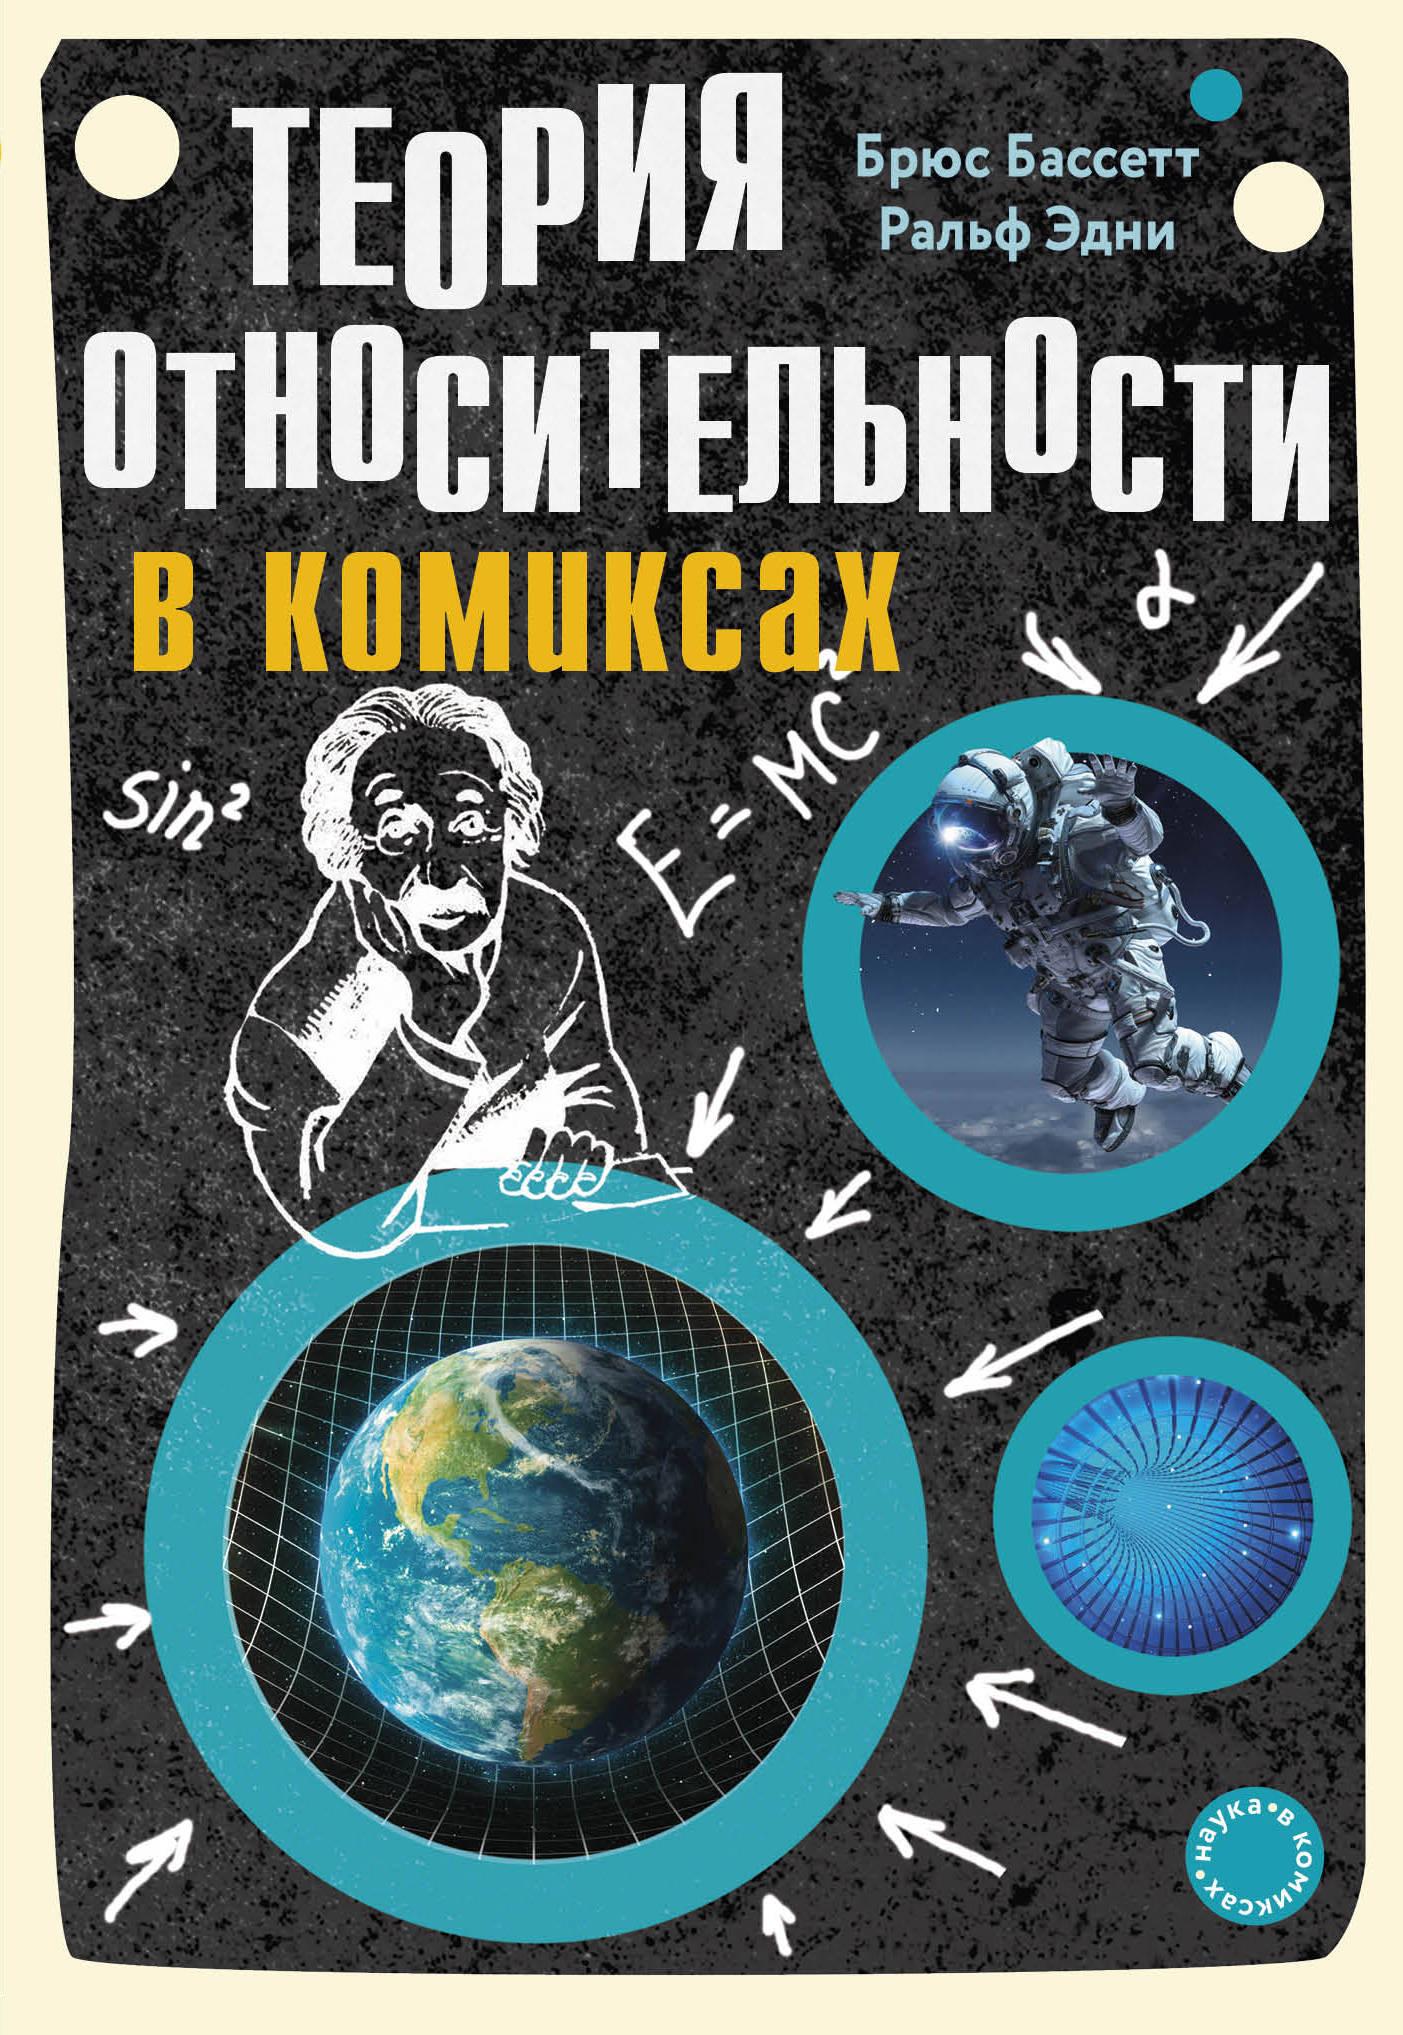 Брюс Бассетт, Ральф Эдни Теория относительности в комиксах о д хвольсон теория относительности а эйнштейна и новое миропонимание